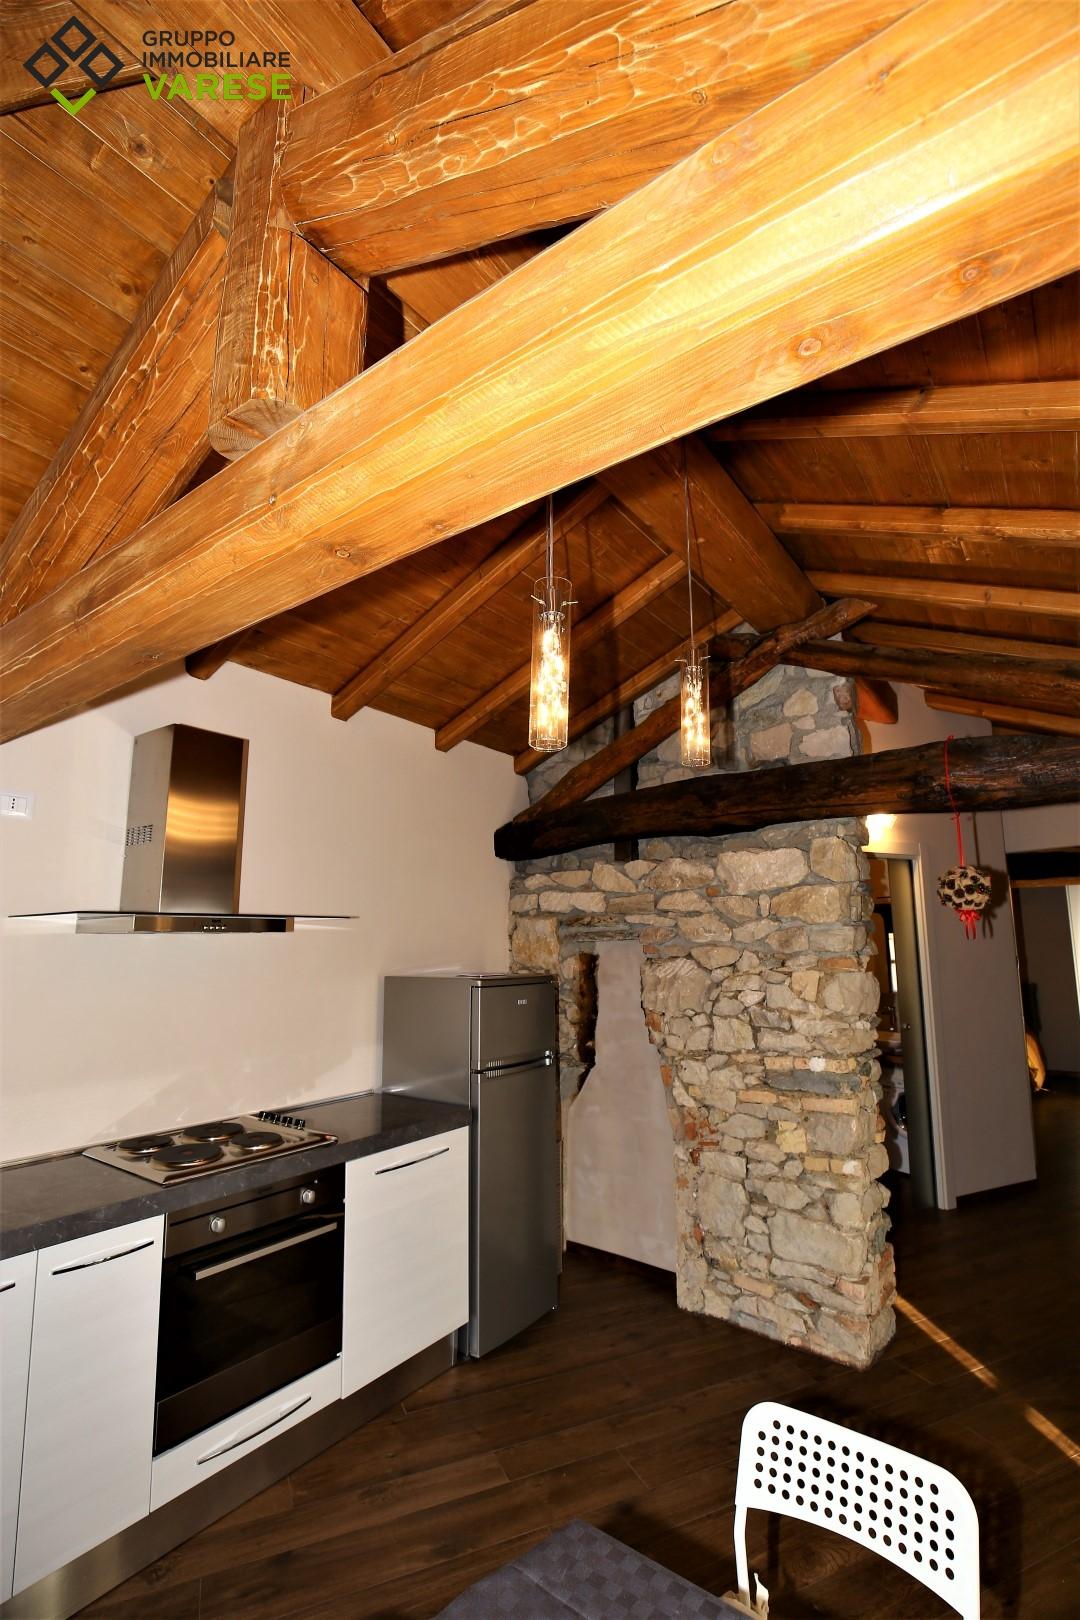 Appartamento in affitto a Besano, 2 locali, prezzo € 650 | CambioCasa.it